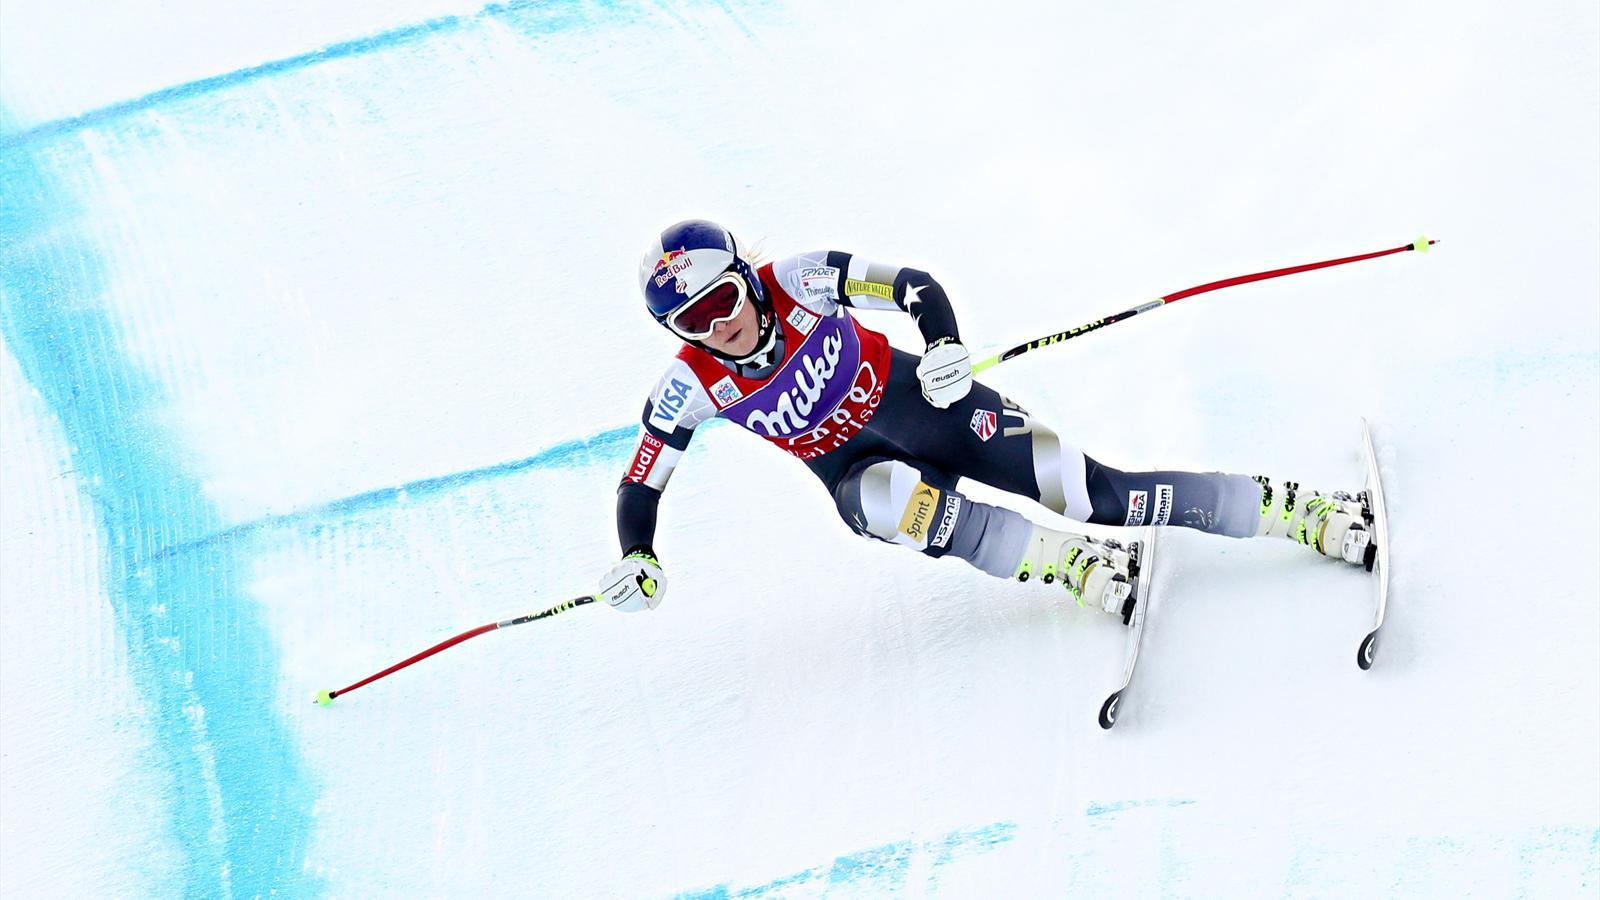 Coupe du monde val d 39 is re lindsey vonn remporte la - Coupe du monde ski alpin 2015 calendrier ...